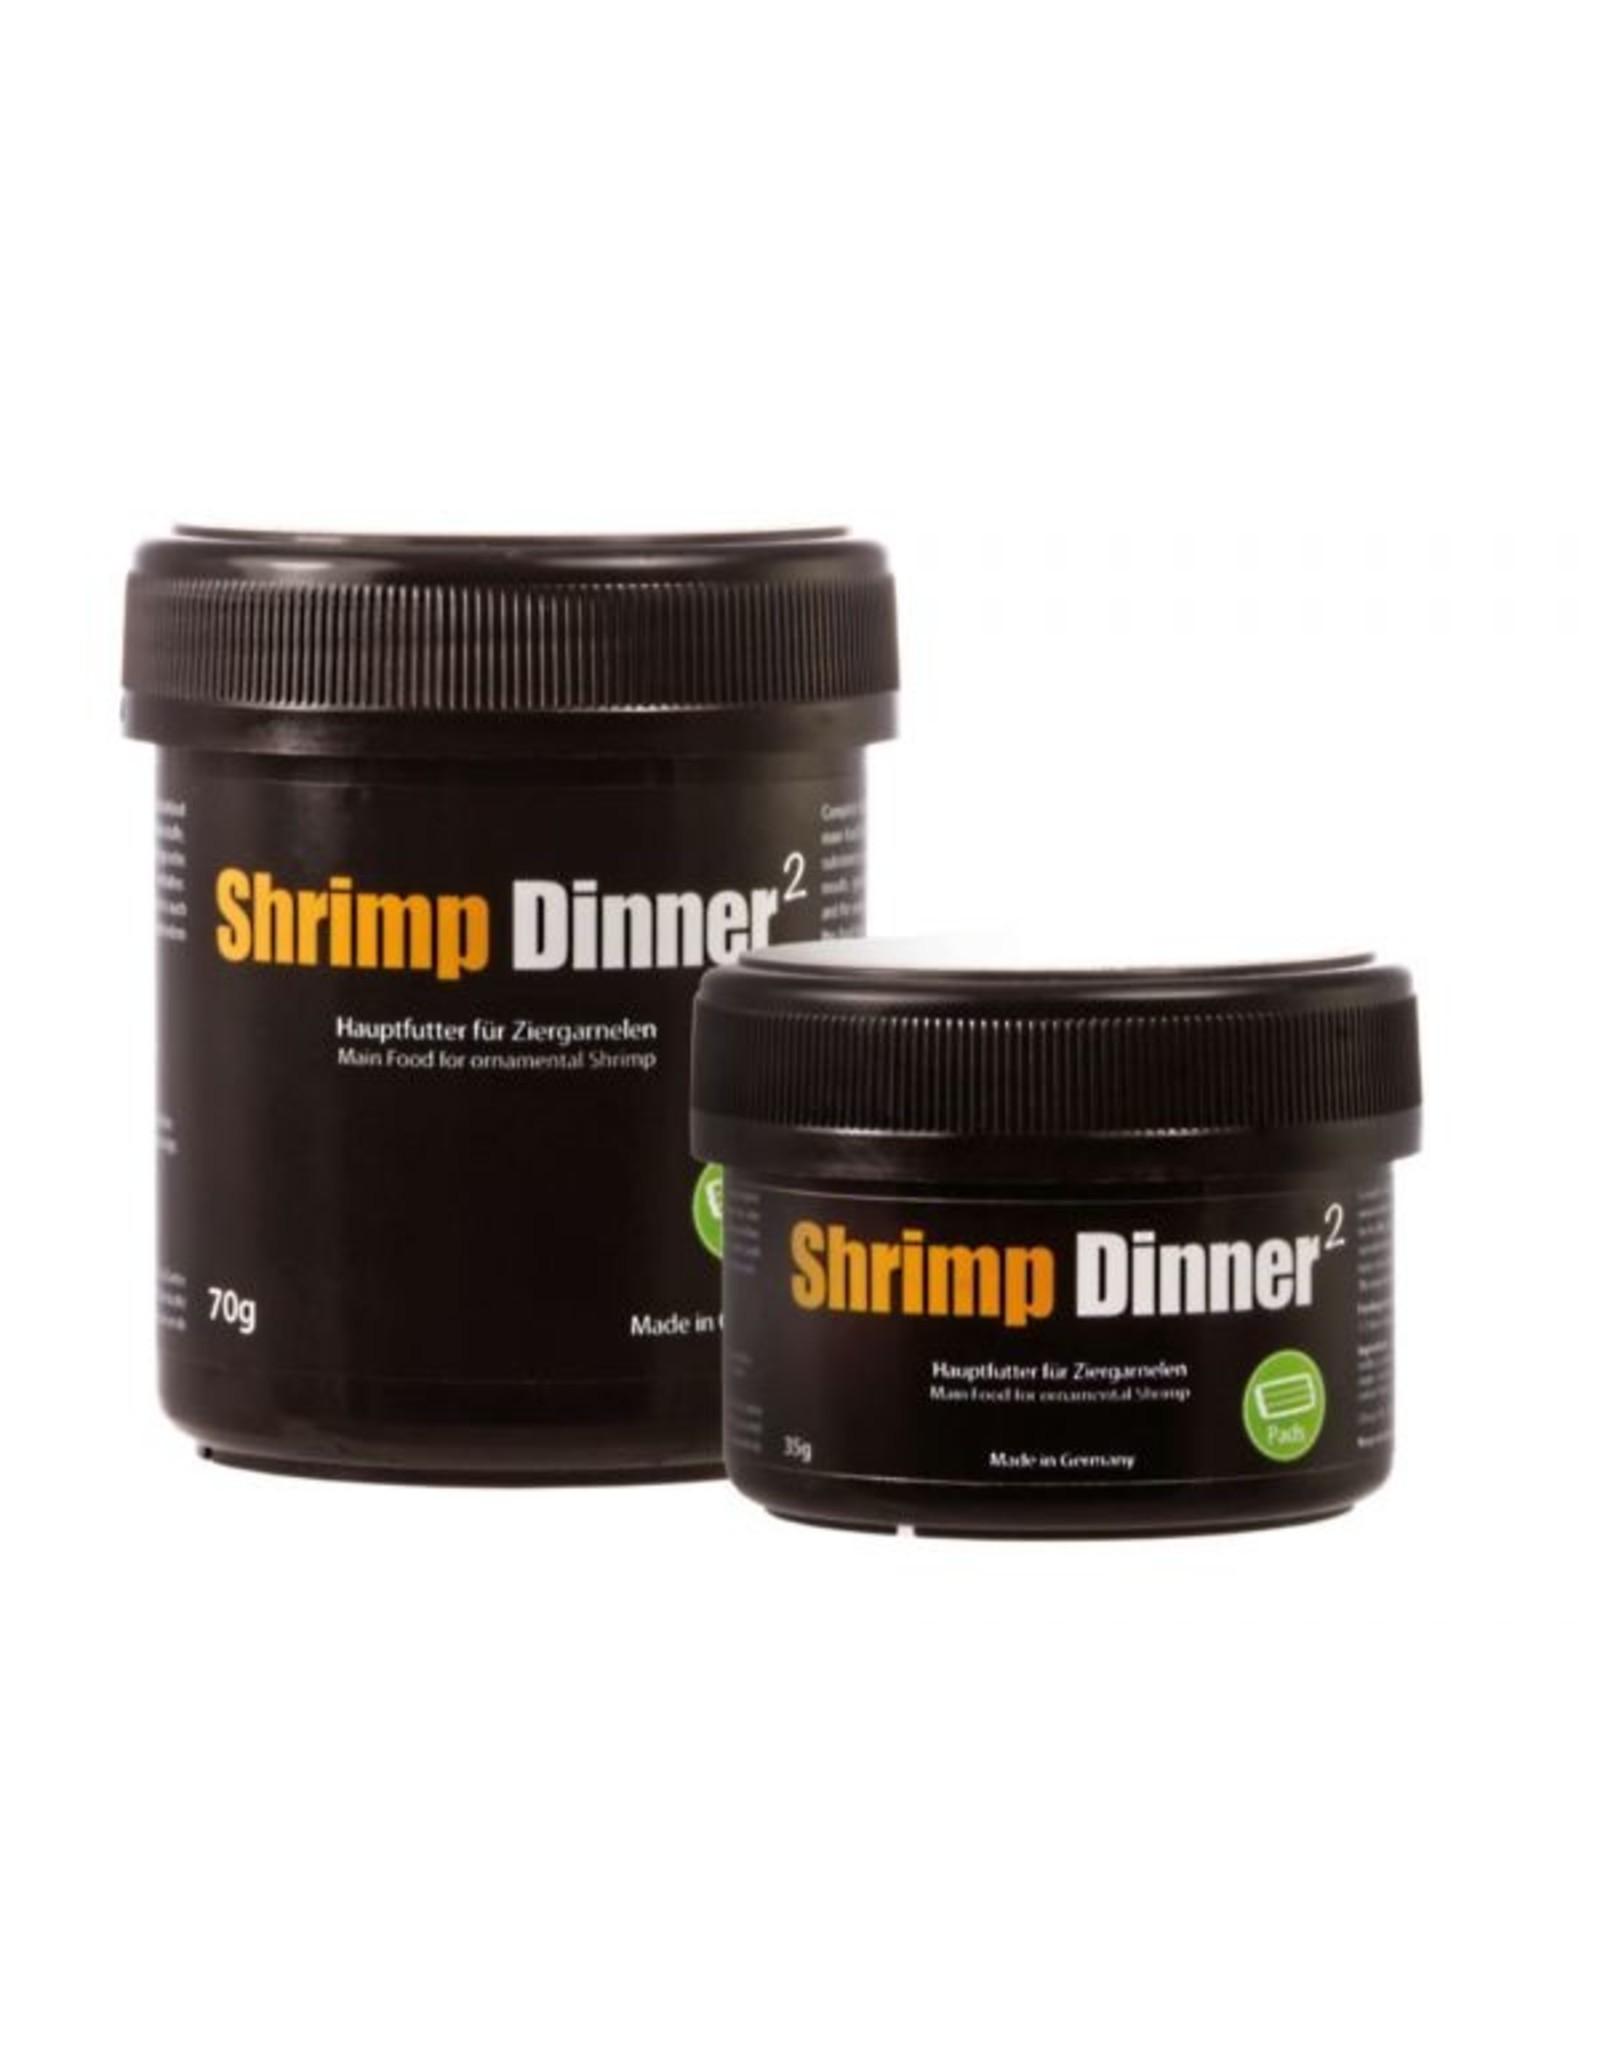 GlasGarten GLASGARTEN Shrimp Dinner 2, Pads